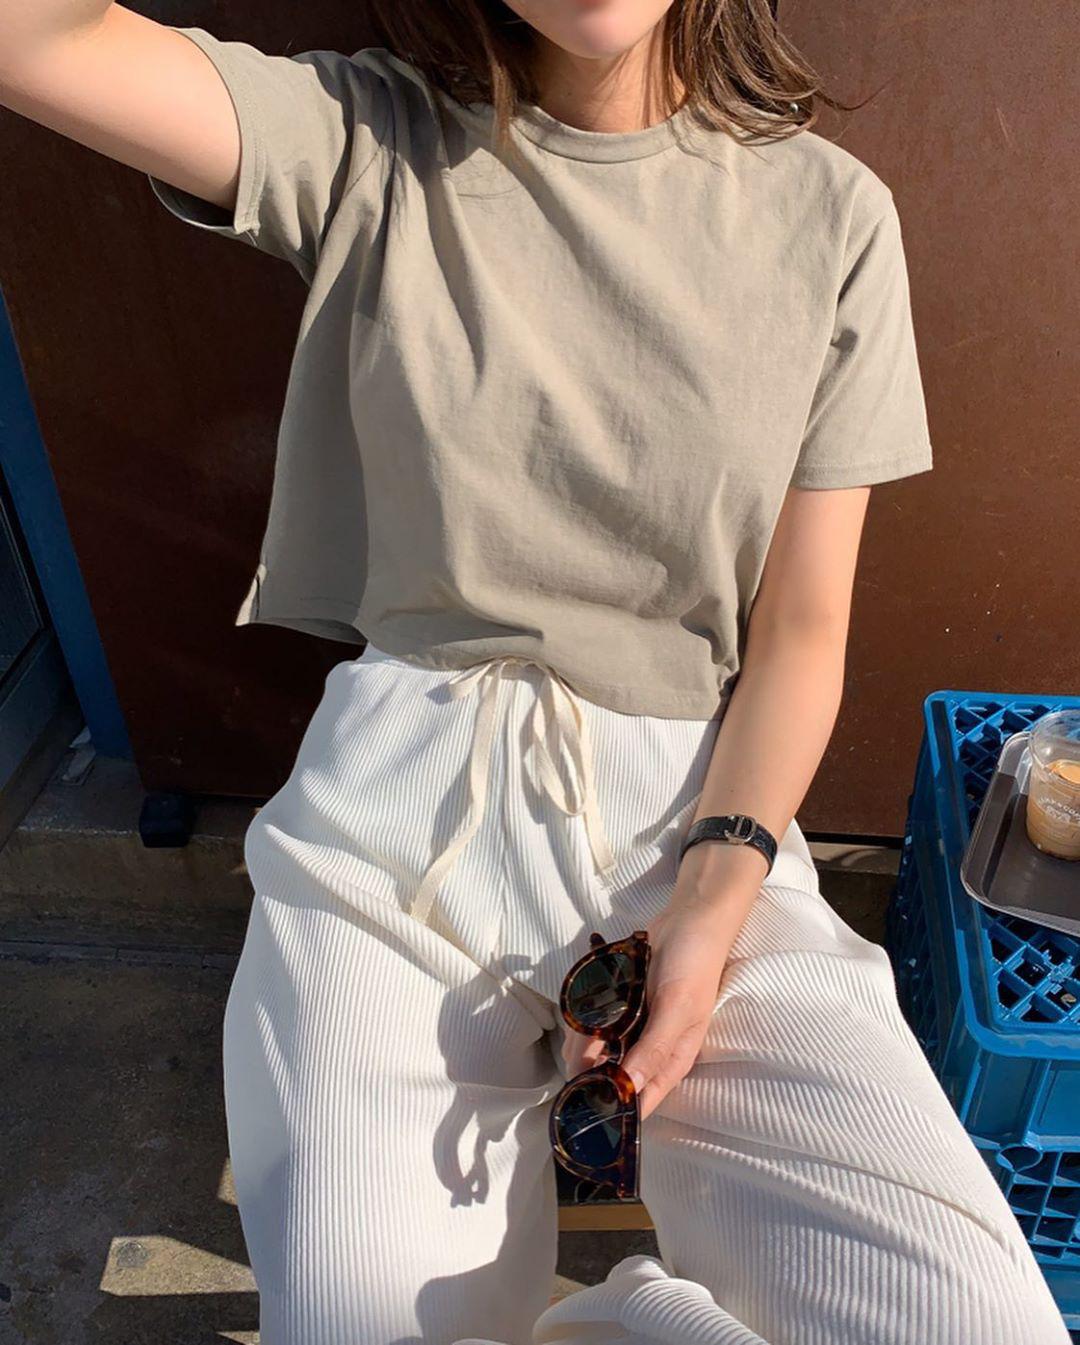 Bỏ qua 4 mẫu quần đang hot rần rần thì không ổn, bởi tất cả sẽ đưa style mùa hè của bạn sang trang mới huy hoàng - Ảnh 12